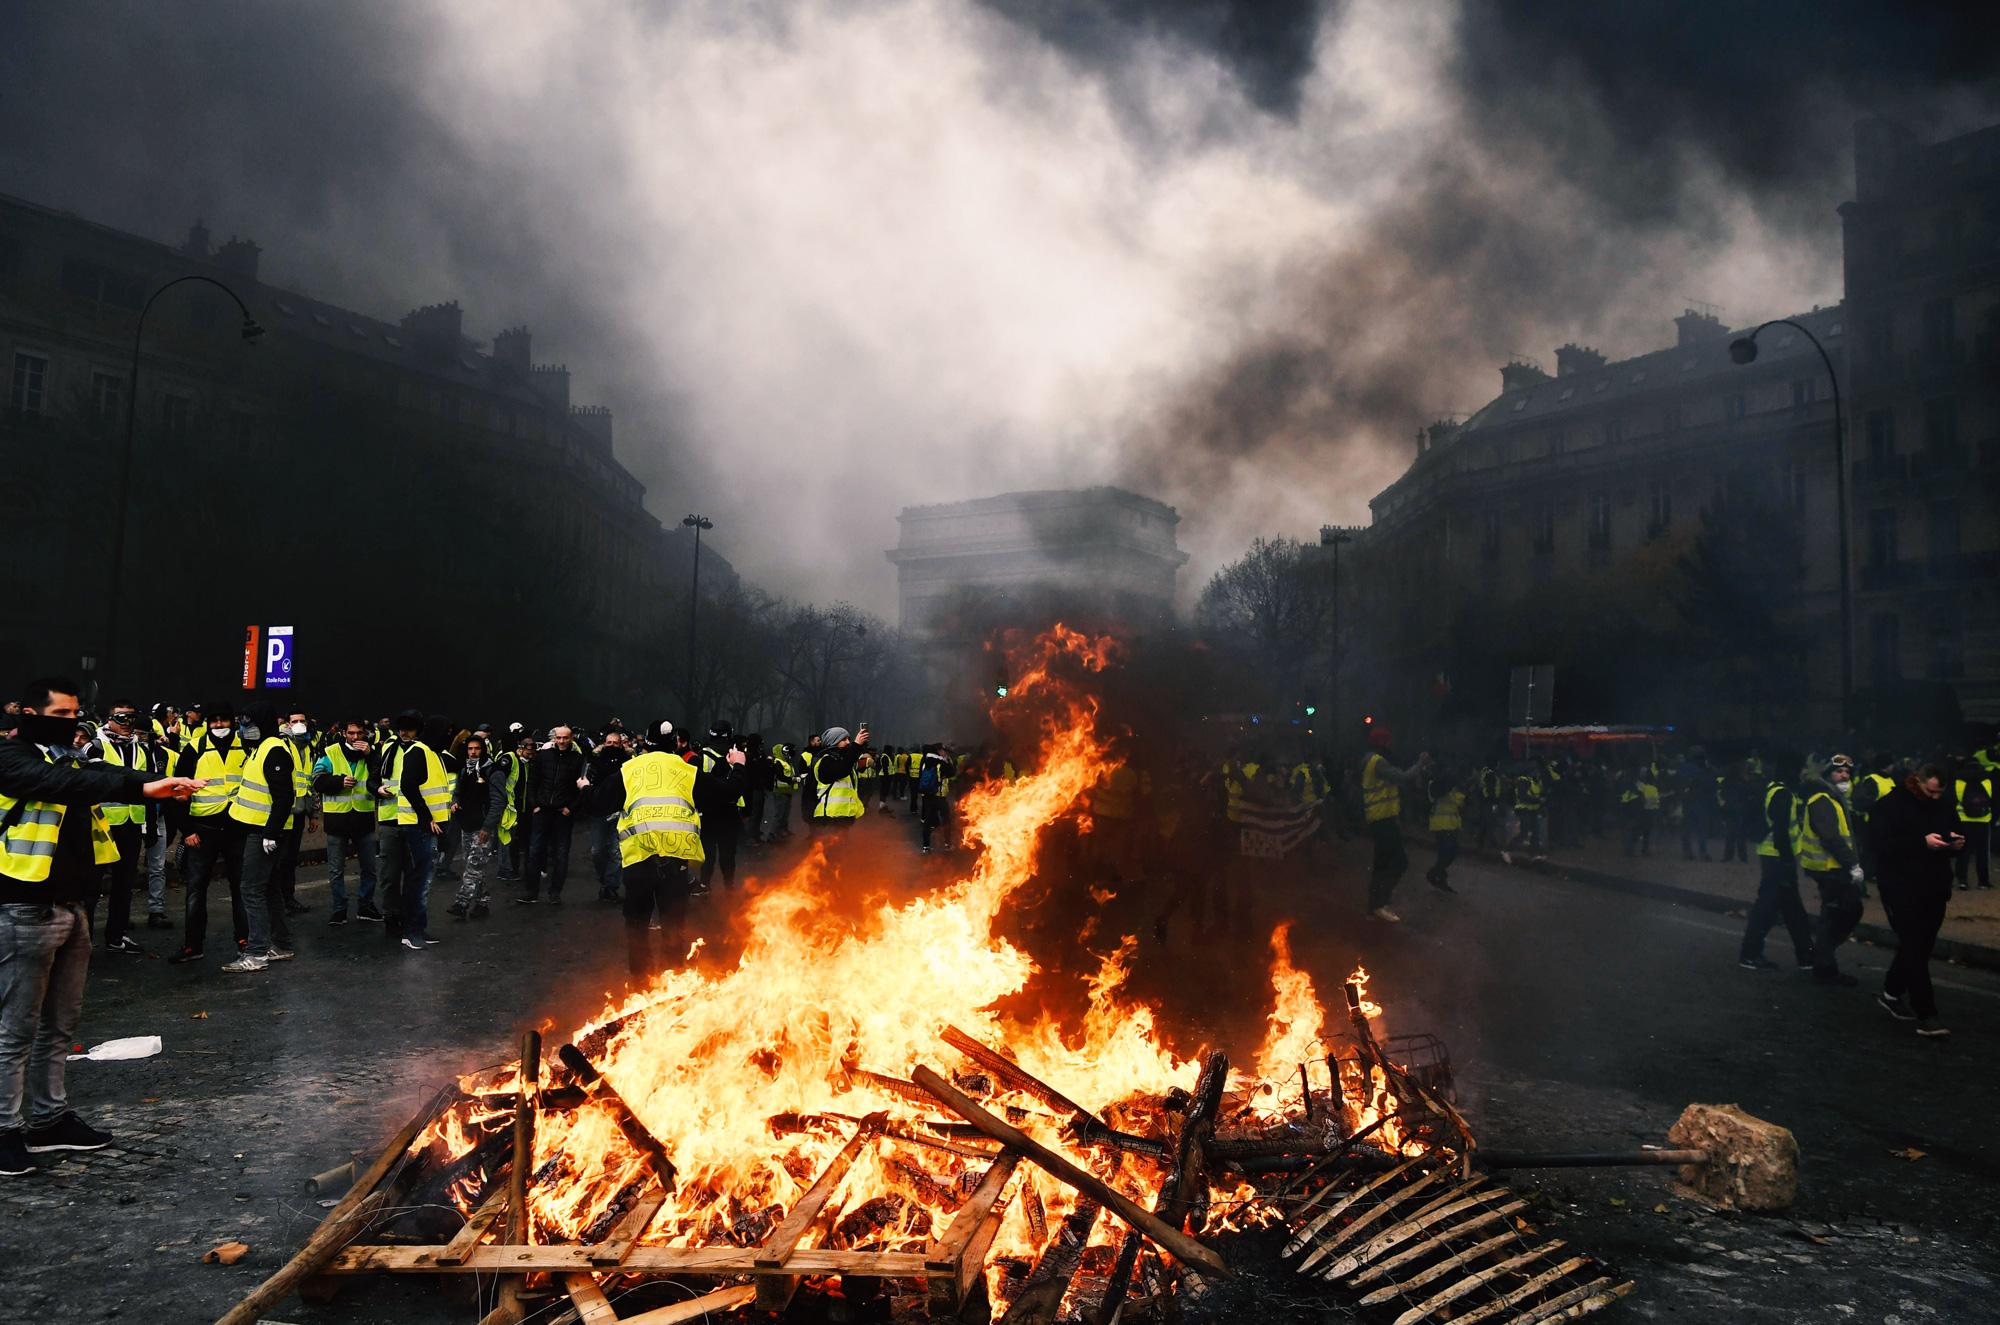 Демонстранты собрали вокруг огня во время протестной акции